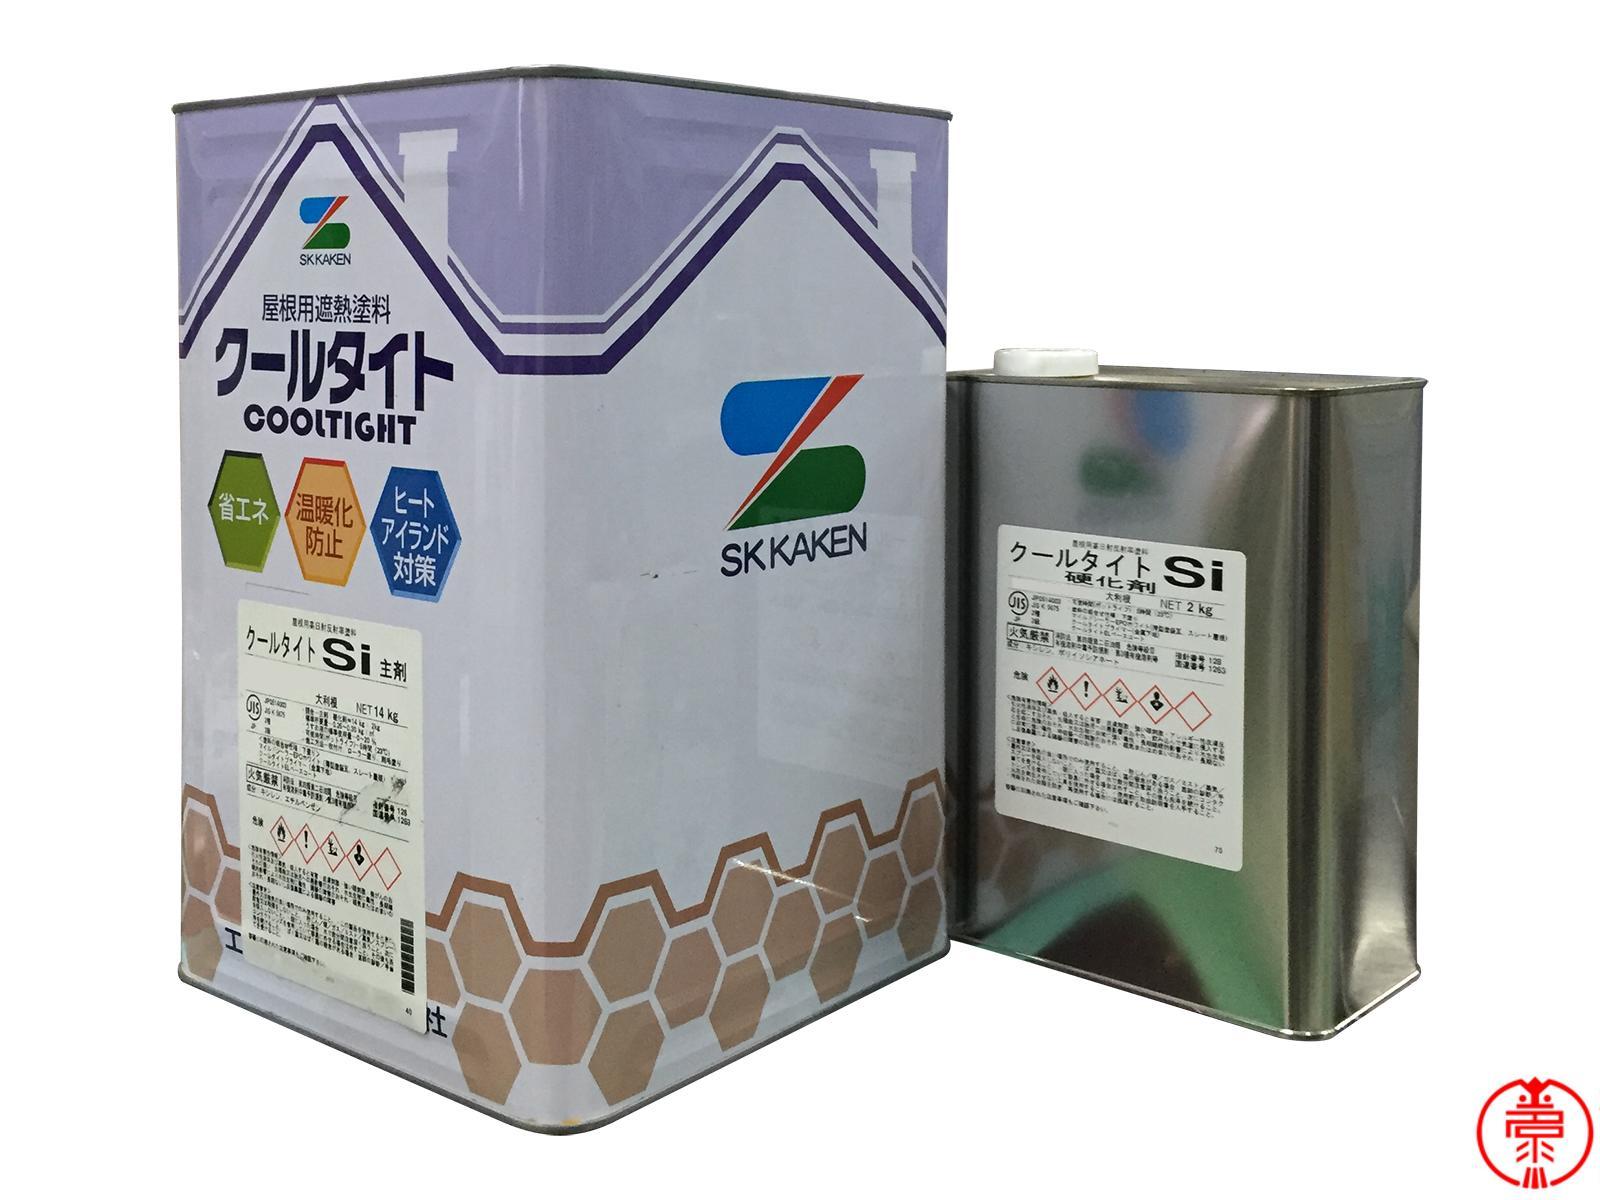 クールタイトシリーズは 汚れに強いので遮熱性能長持ち クールタイトSi 標準色 送料無料 屋根用遮熱塗料 エスケー化研 16Kgセット 上等 国内在庫